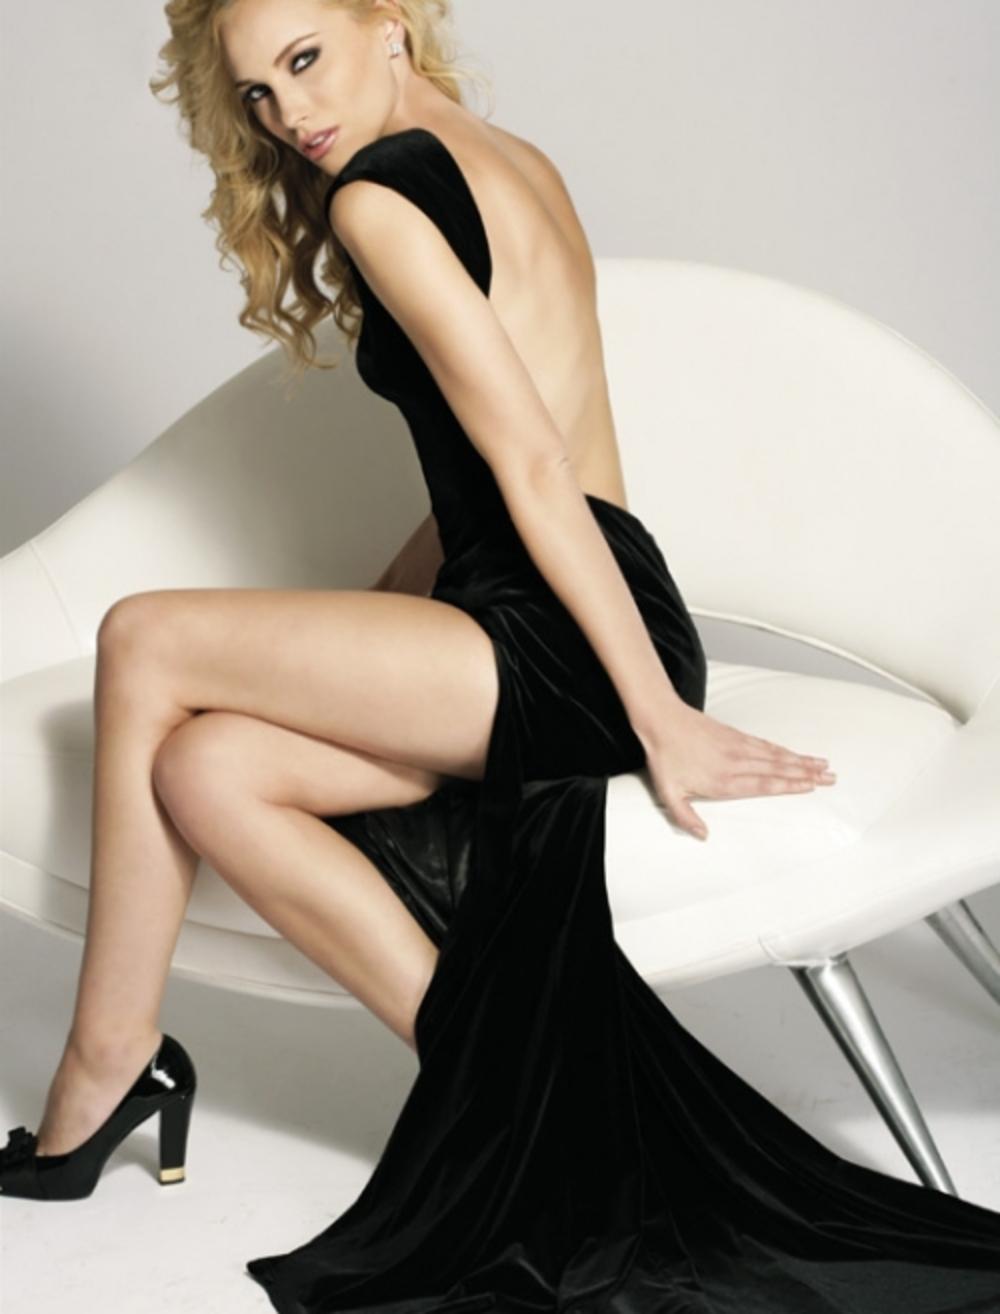 Фото ганих жіночих ніжок в облягаючи сукнях 25 фотография